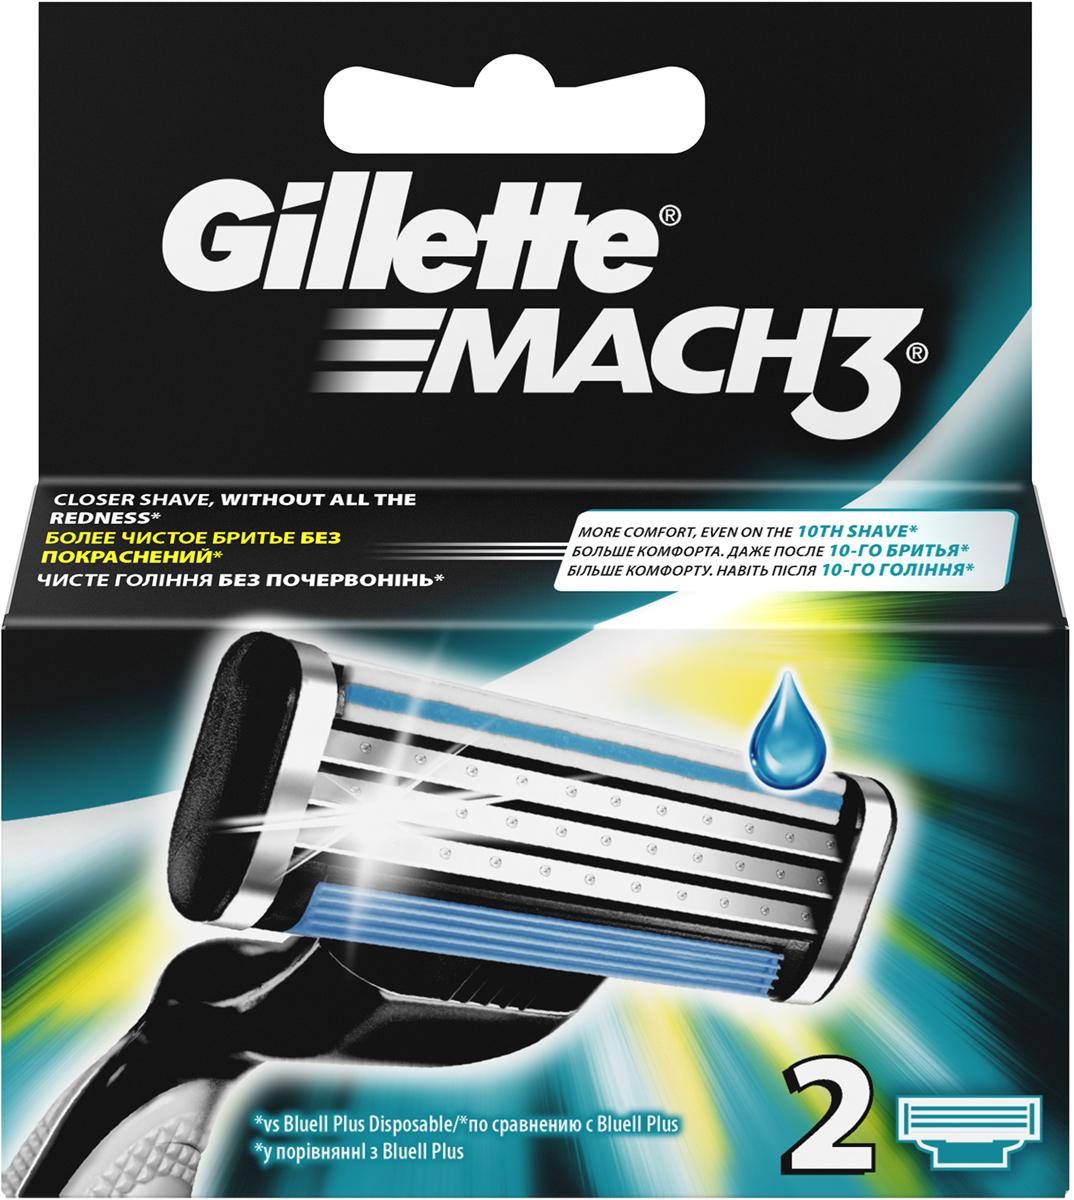 Сменные кассеты для бритья Gillette Mach 3, 2 шт.MAG-81540655Сменные кассеты для мужской бритвы Gillette Mach3 обеспечивают гладкое бритье без покраснения кожи, а ощущения даже при 10-м их использовании лучше, чем при бритье новой одноразовой бритвой.* В комплект каждой сменной кассеты входят 3 лезвия DuraComfort для долговременного комфорта. Гелевая полоска скользит по коже, защищая ее от покраснения, а усовершенствованный микрогребень Skin Guard помогает натянуть кожу и подготовить волоски к срезанию. Эти сменные кассеты для бритвы Mach3 подходят к любой бритве Mach3. *По сравнению с Gillette BlueII Преимущества продукта: Даже 10-ое бритье Mach3 комфортнее 1-го одноразовой бритвой (по сравнению с Gillette Blue II Plus) Более гладкое бритье без раздражения (по сравнению с одноразовой бритвой Gillette Blue II Plus) 3 лезвия DuraComfort для долговременного комфорта Гелевая полоска скользит по коже, защищая ее от покраснения Усовершенствованный микрогребень Skin Guard помогает натянуть кожу и подготовить волоски к срезанию Подходит к любым бритвам серии Mach3